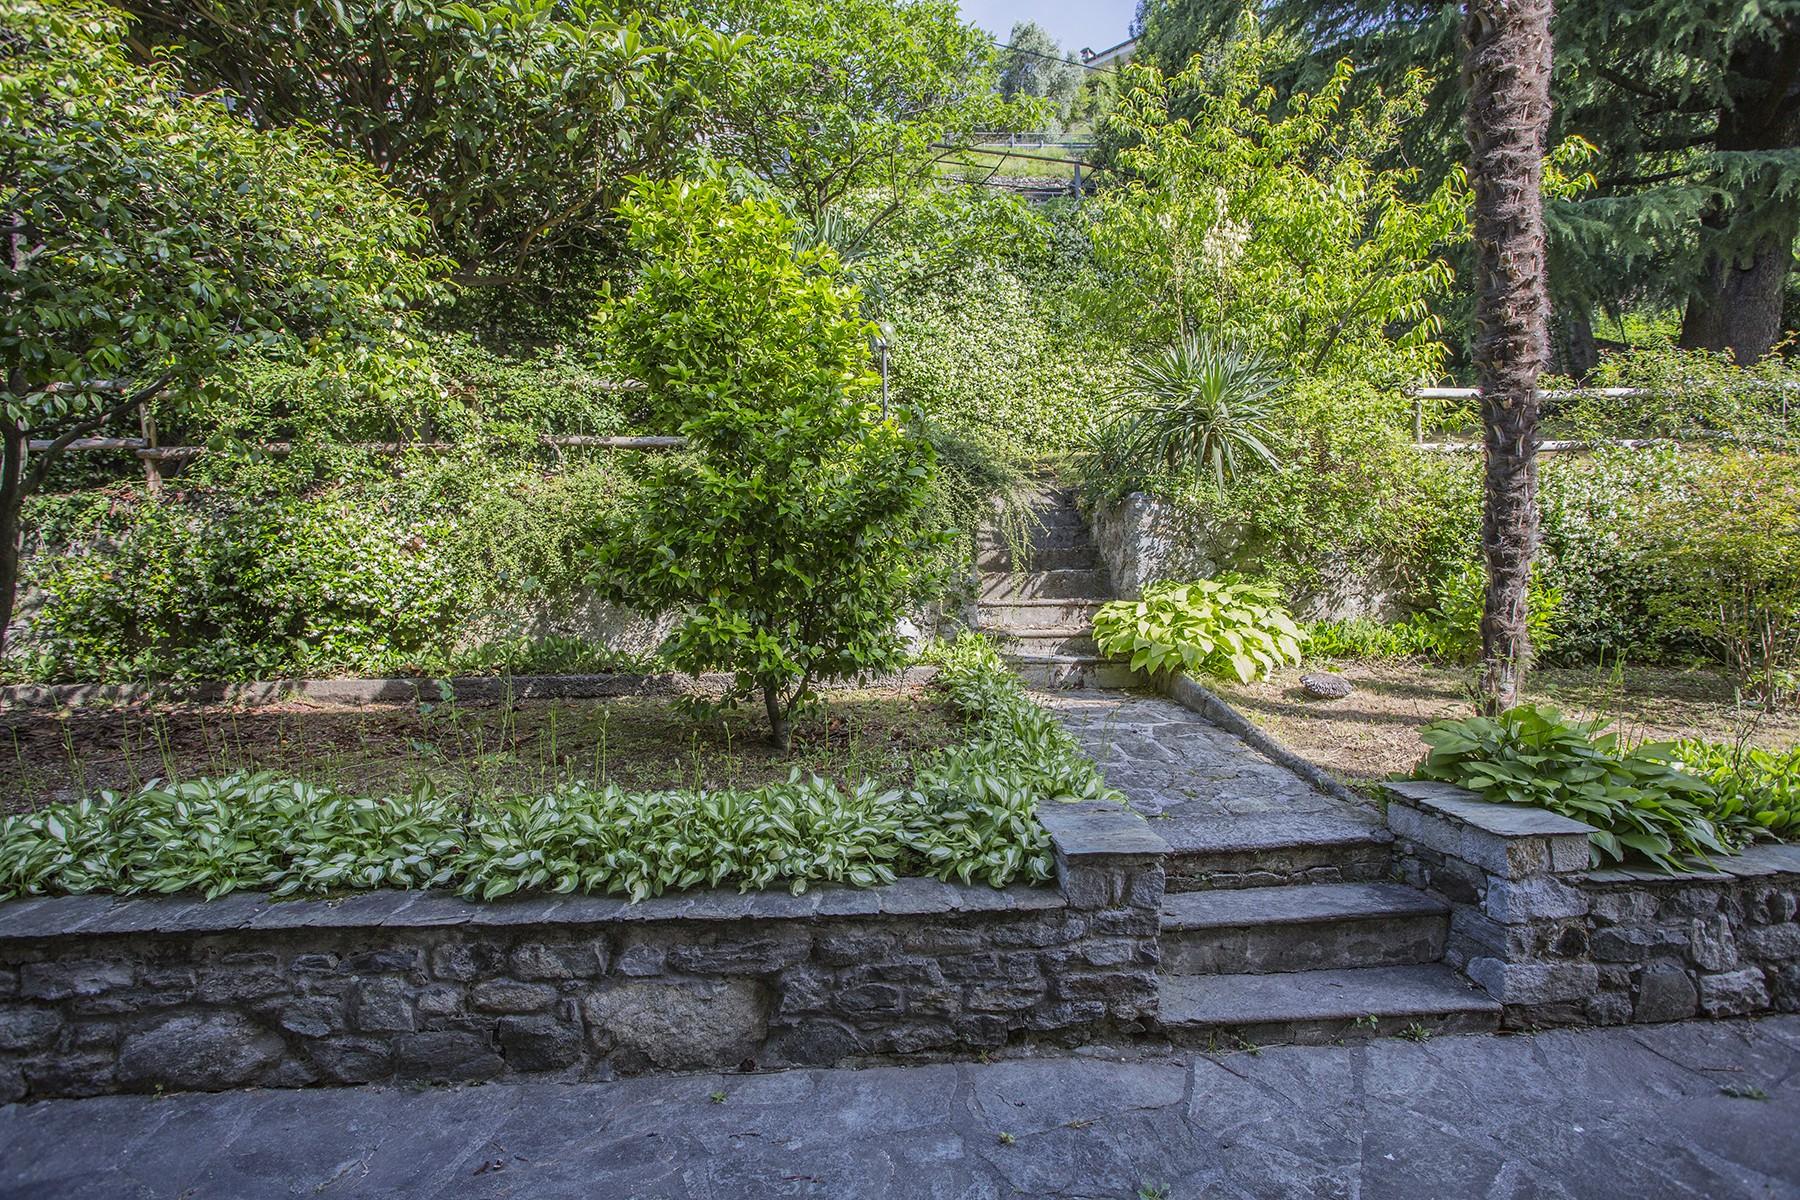 Villa in Vendita a Vercana: 5 locali, 300 mq - Foto 8